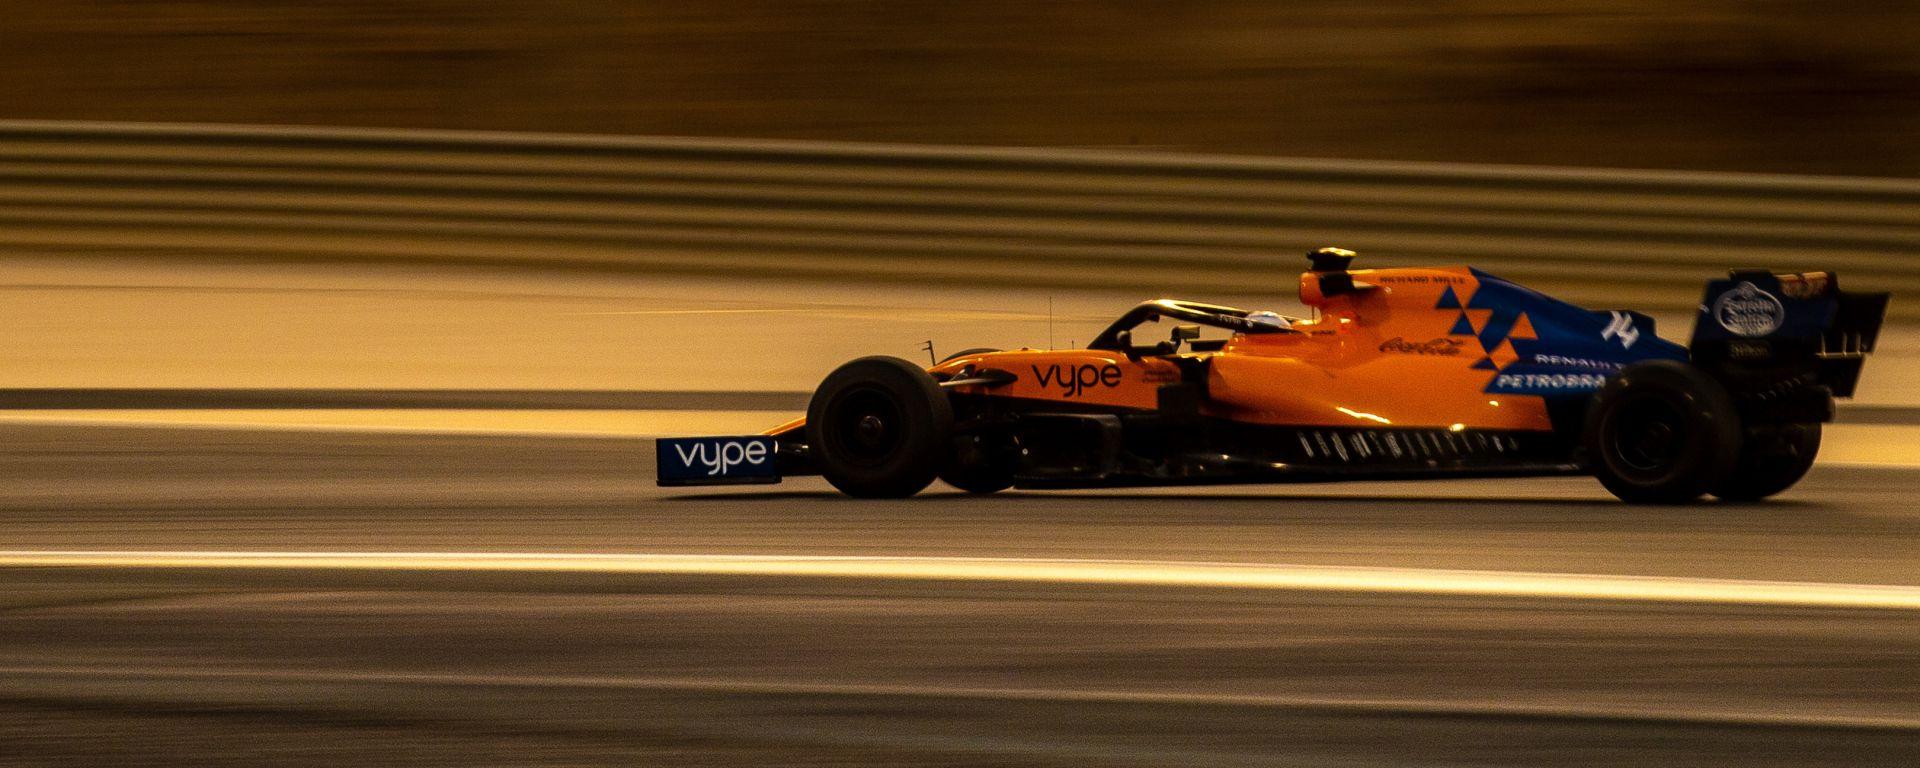 Alonso, niente Le Mans nel 2020: sarà ritorno in Formula 1?